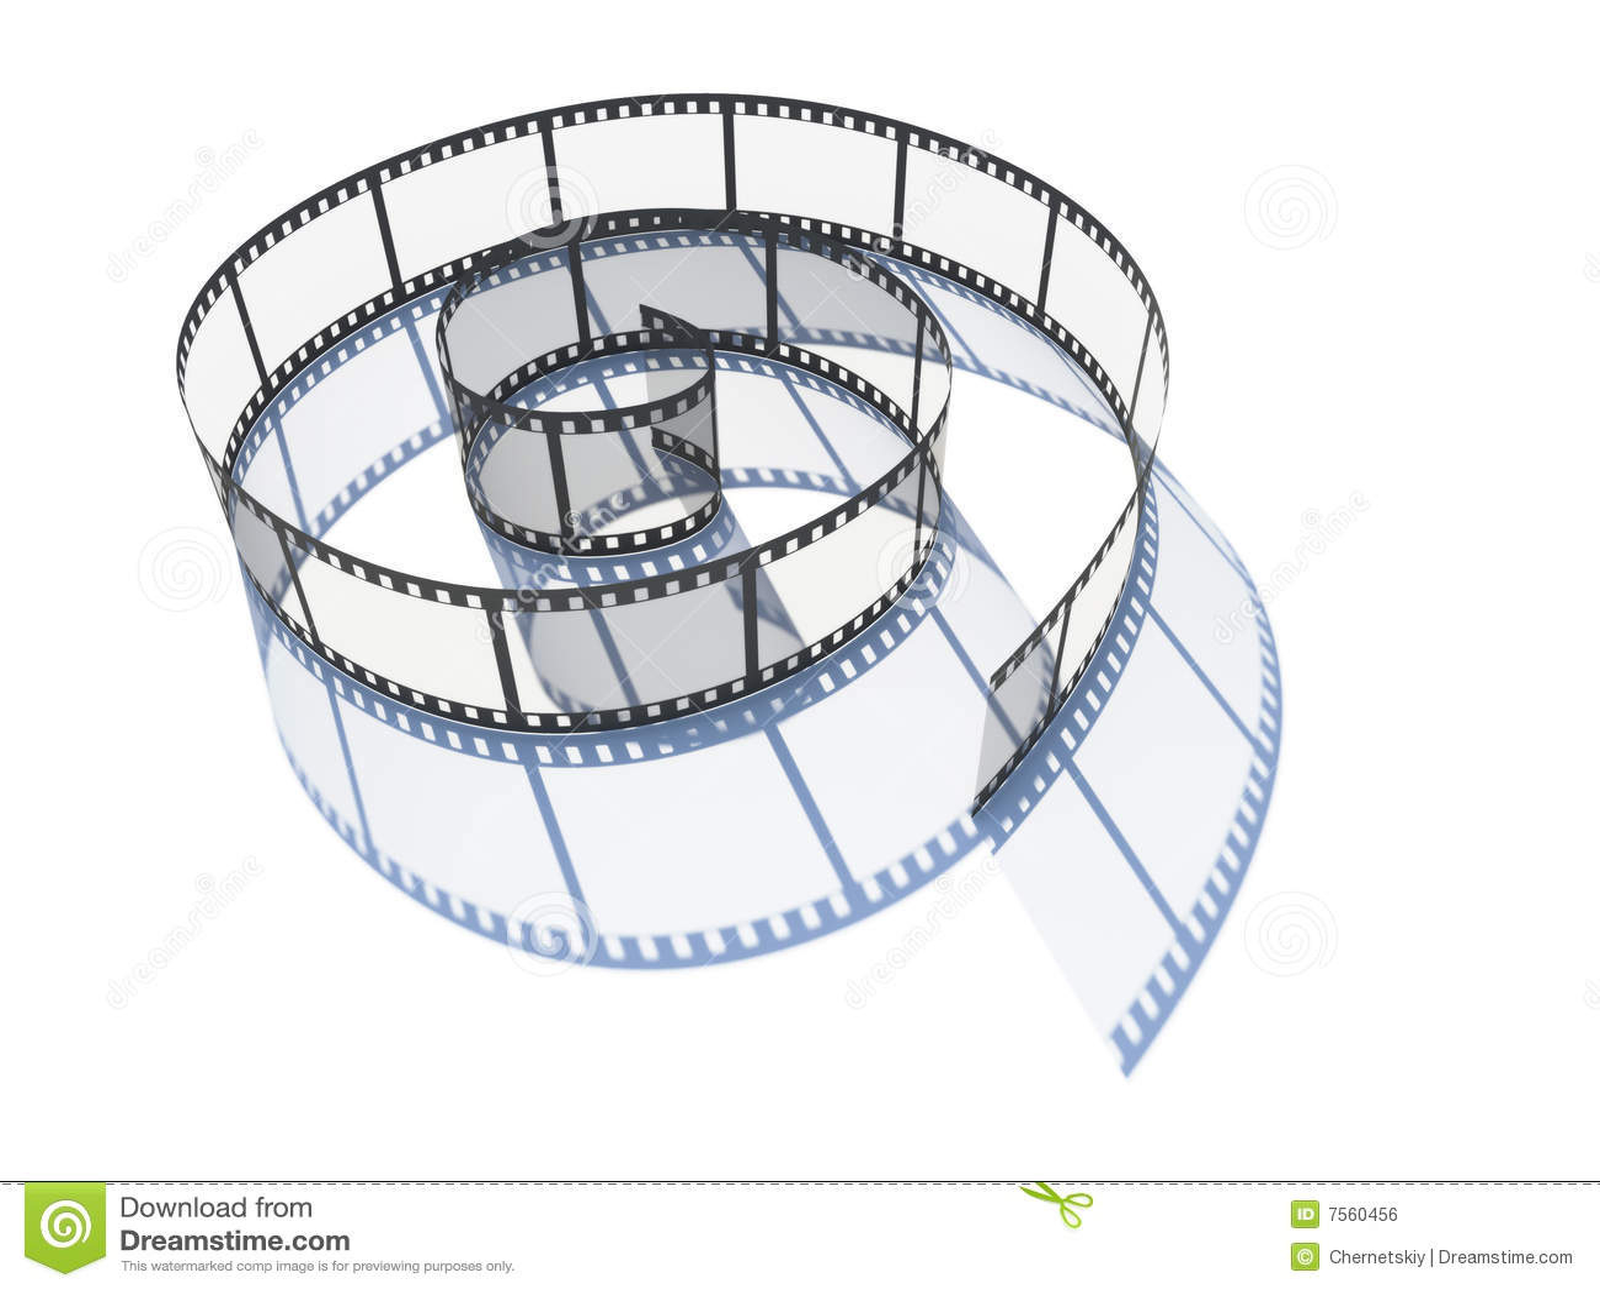 Film curled